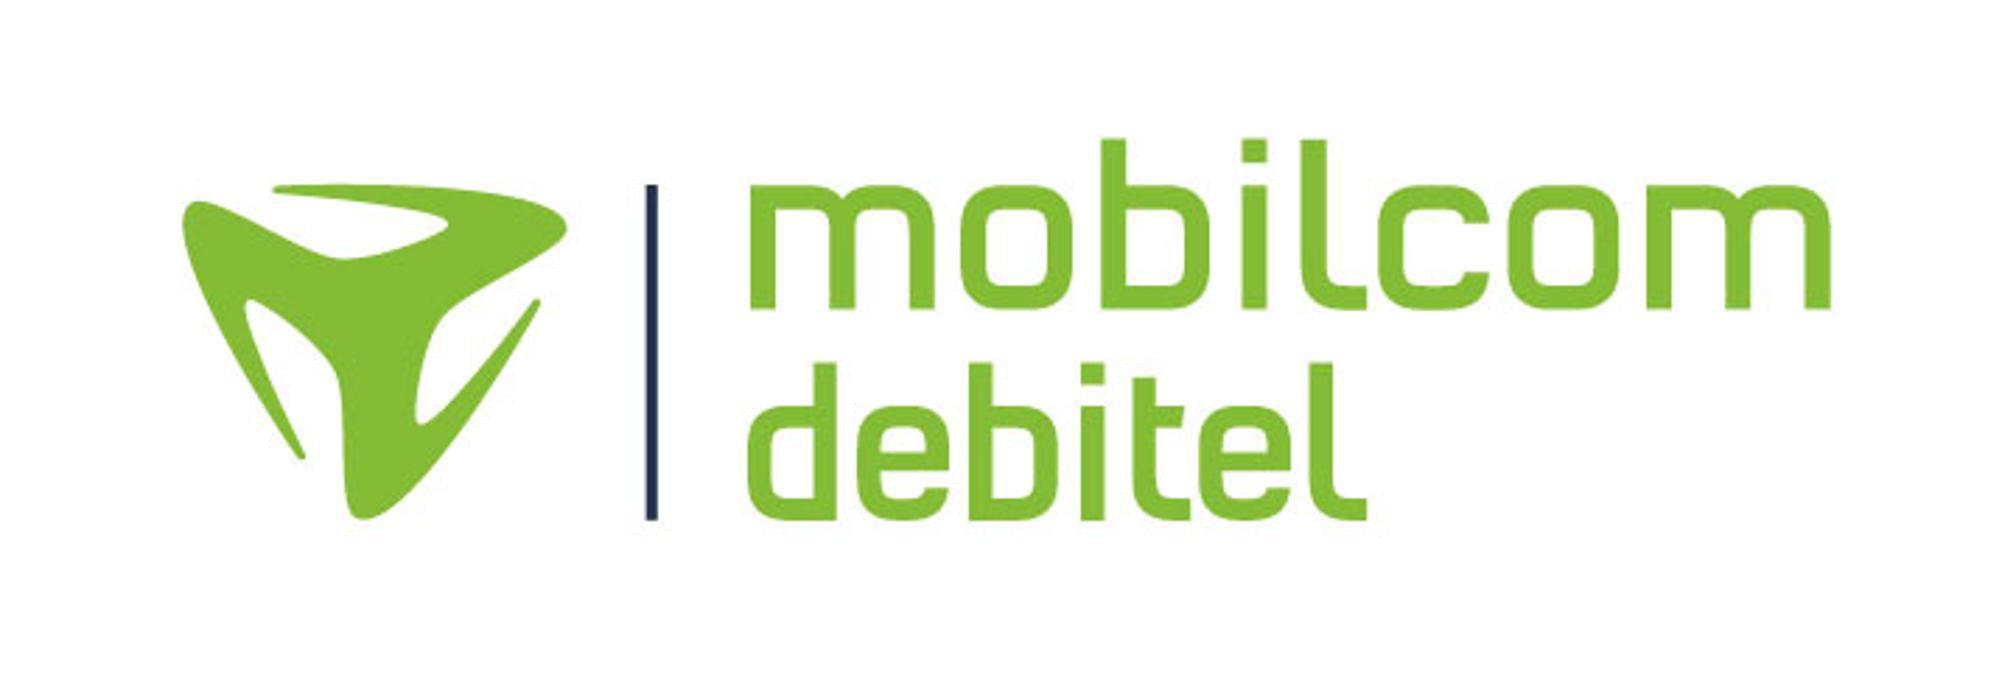 mobilcom-debitel, Enderstraße in Dresden